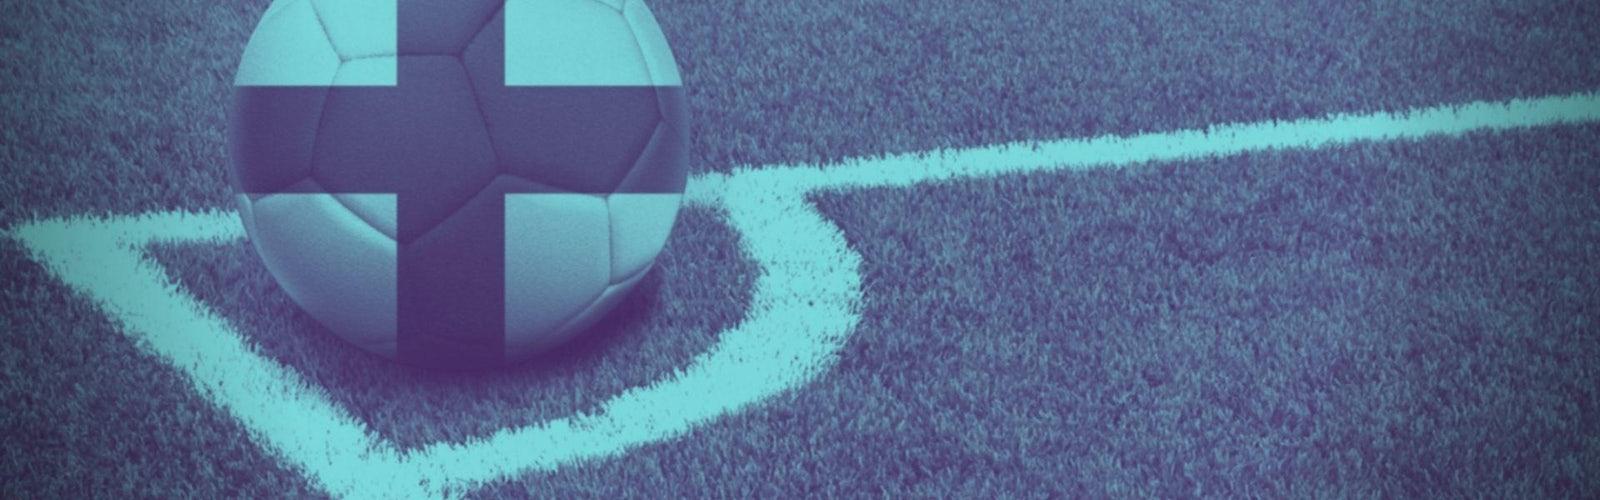 Sportwetten Anbieter Premier League Header Banner